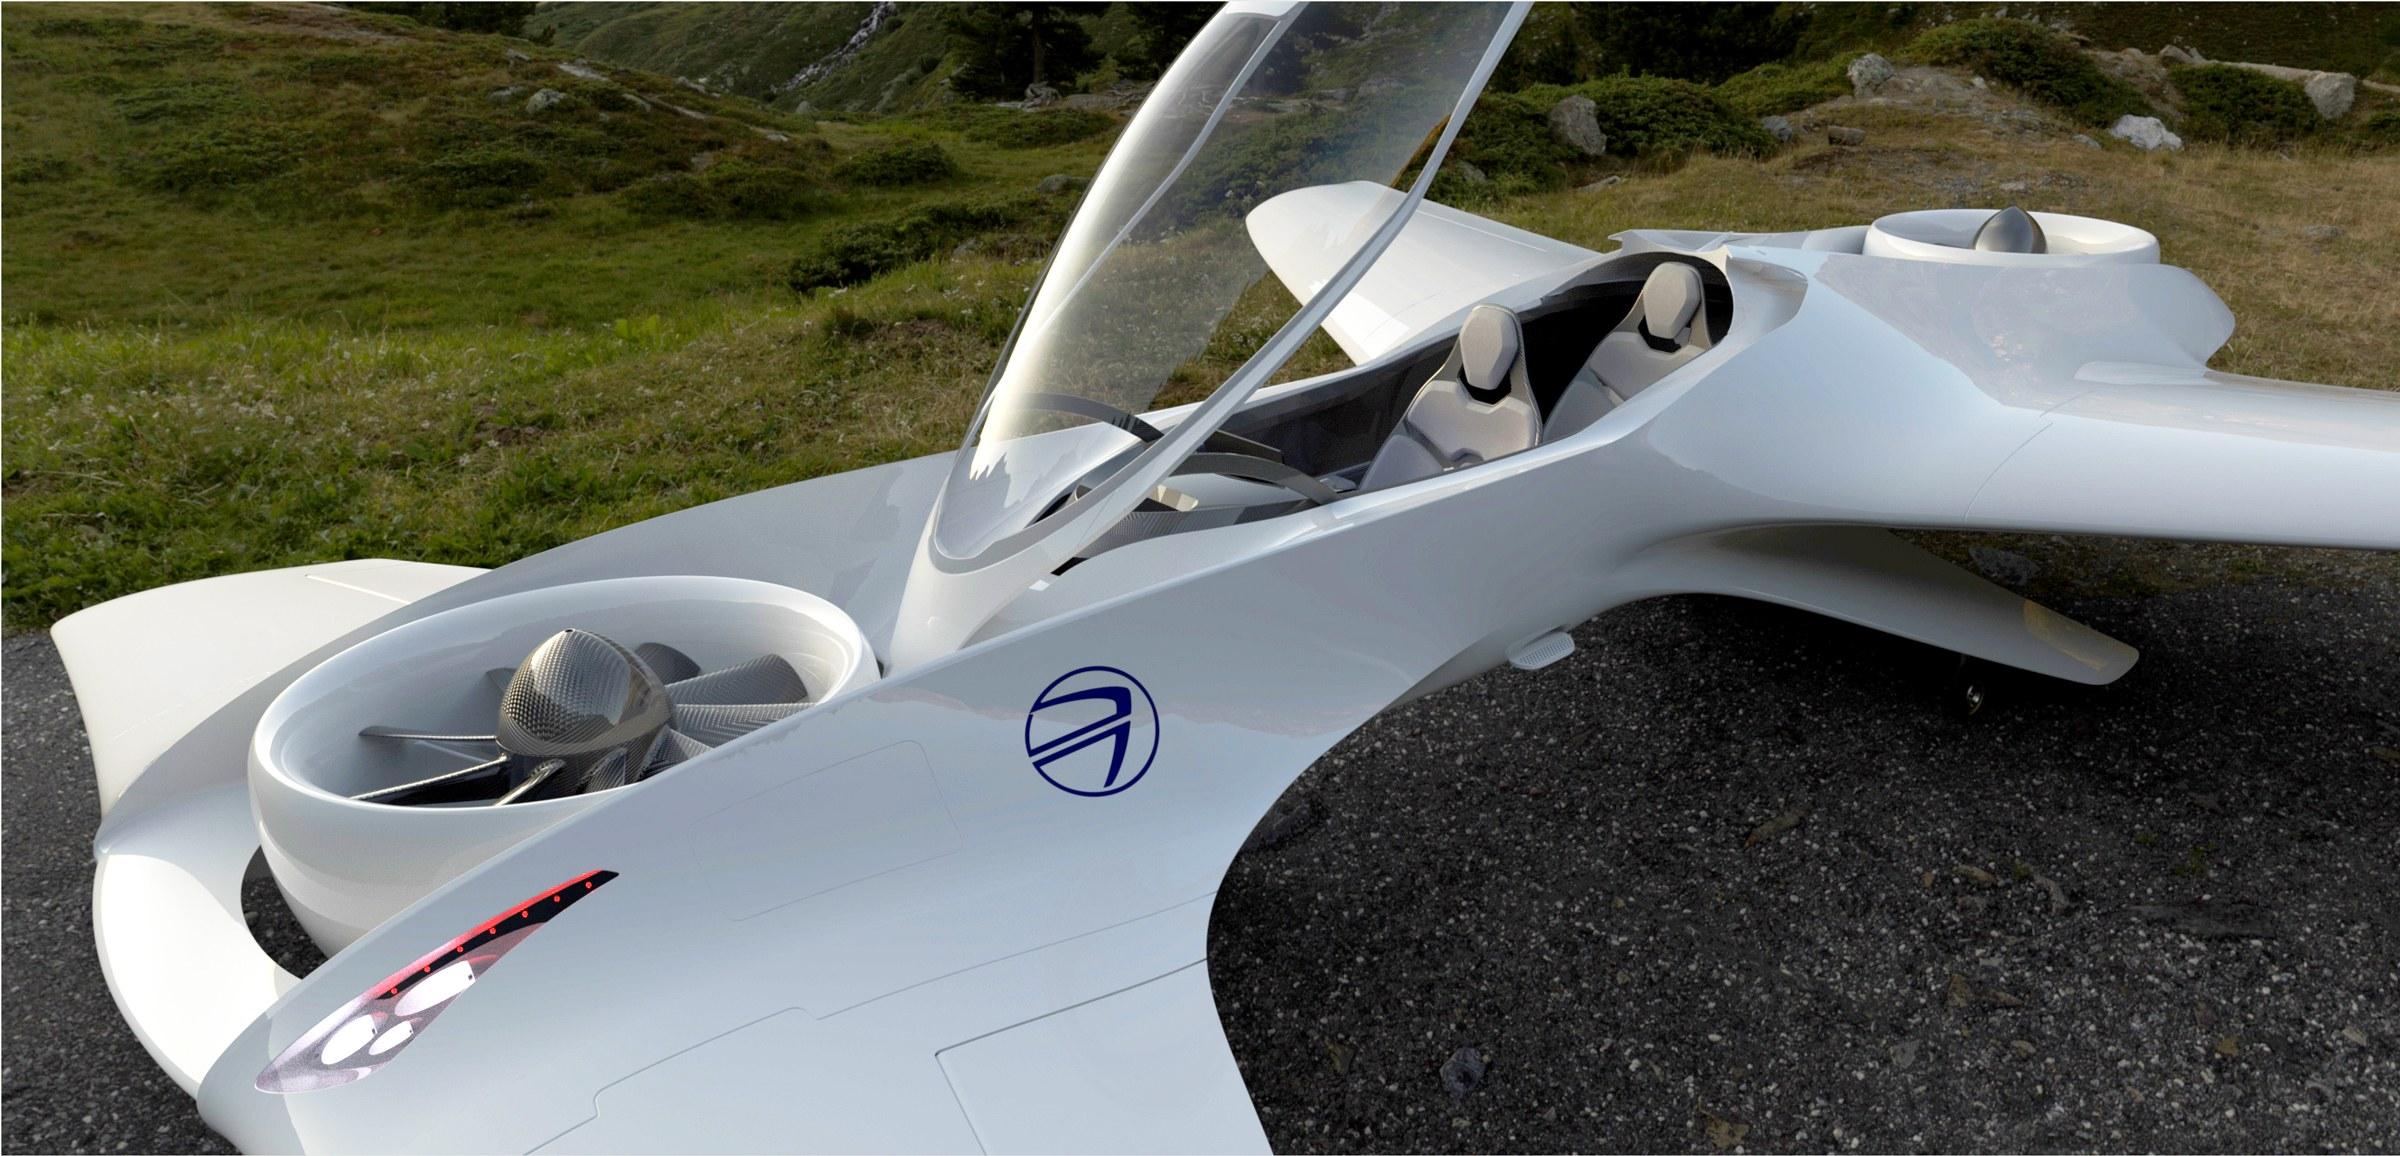 【新事】幻想成真,回到未來DeLorean飛天車再現?